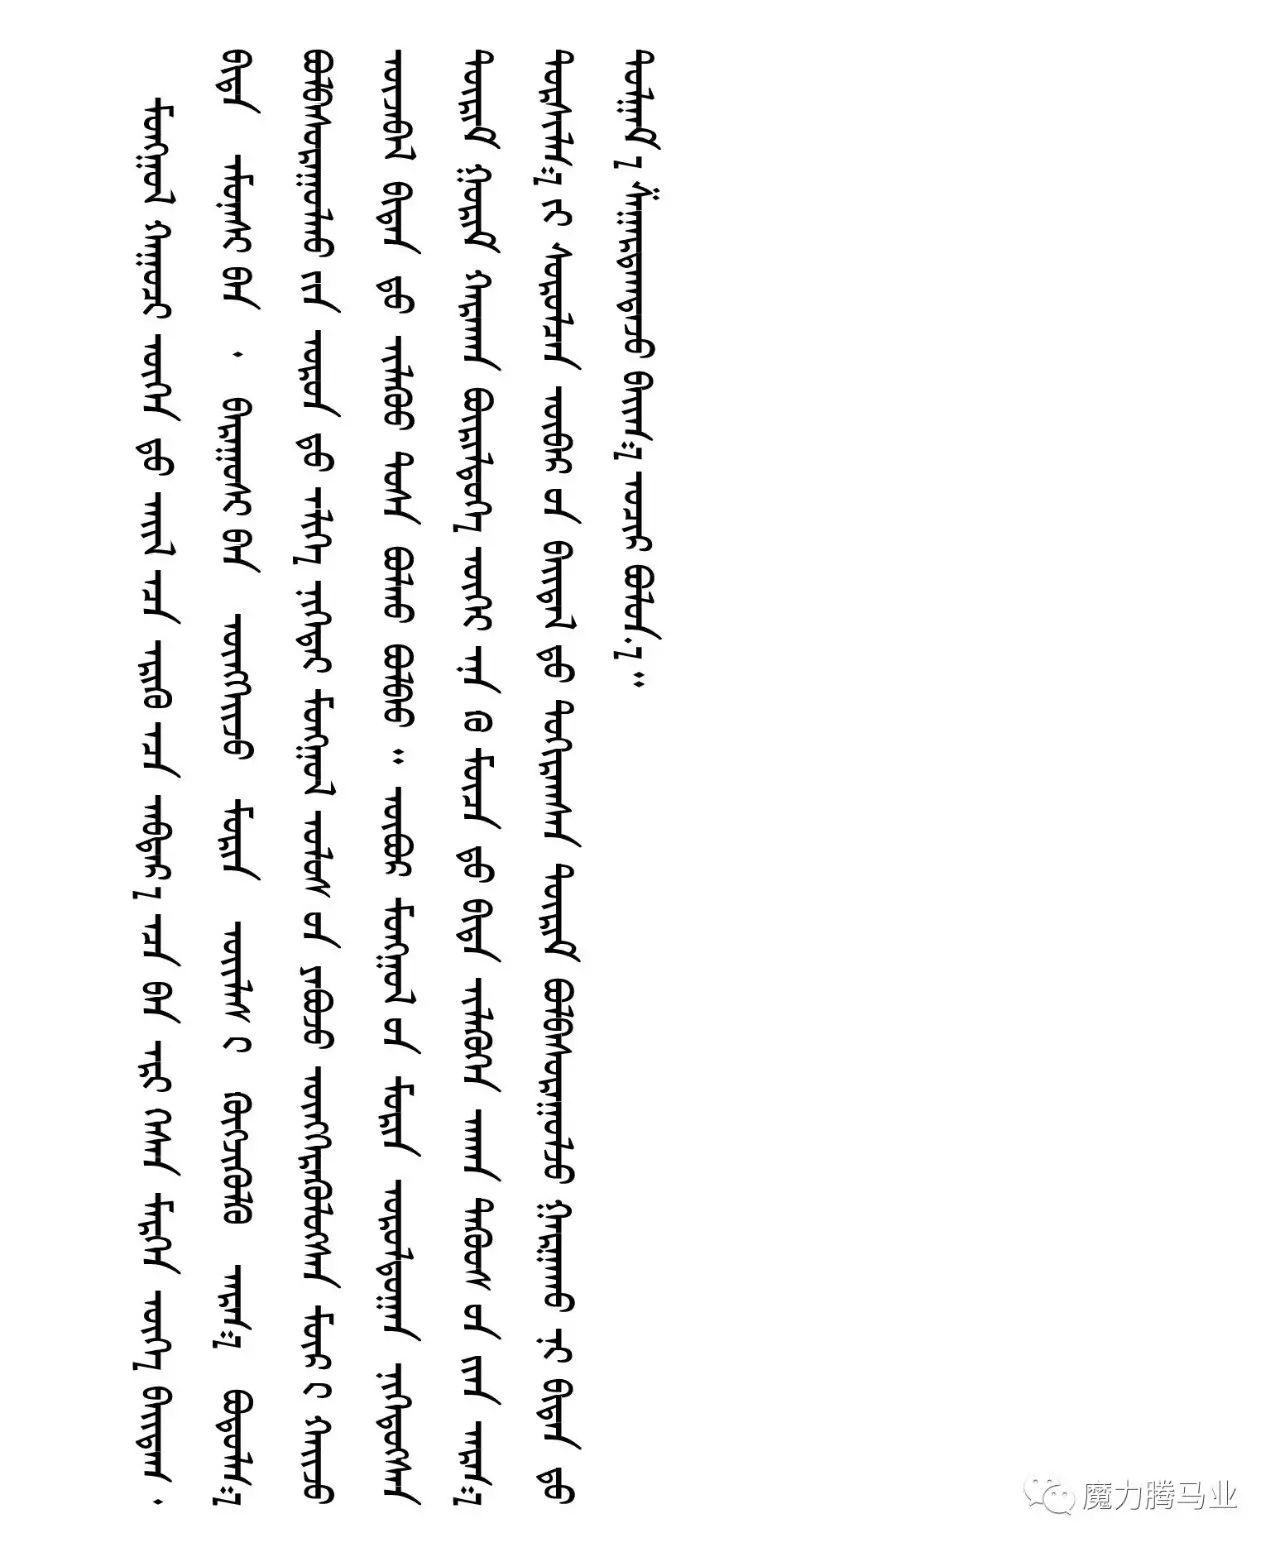 蒙古国赛马章程介绍 第5张